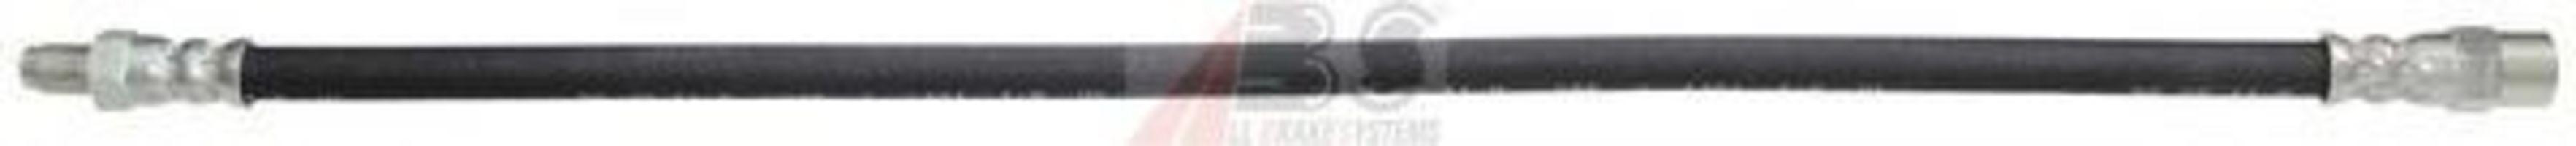 Шланг тормозной A.B.S. SL 1629